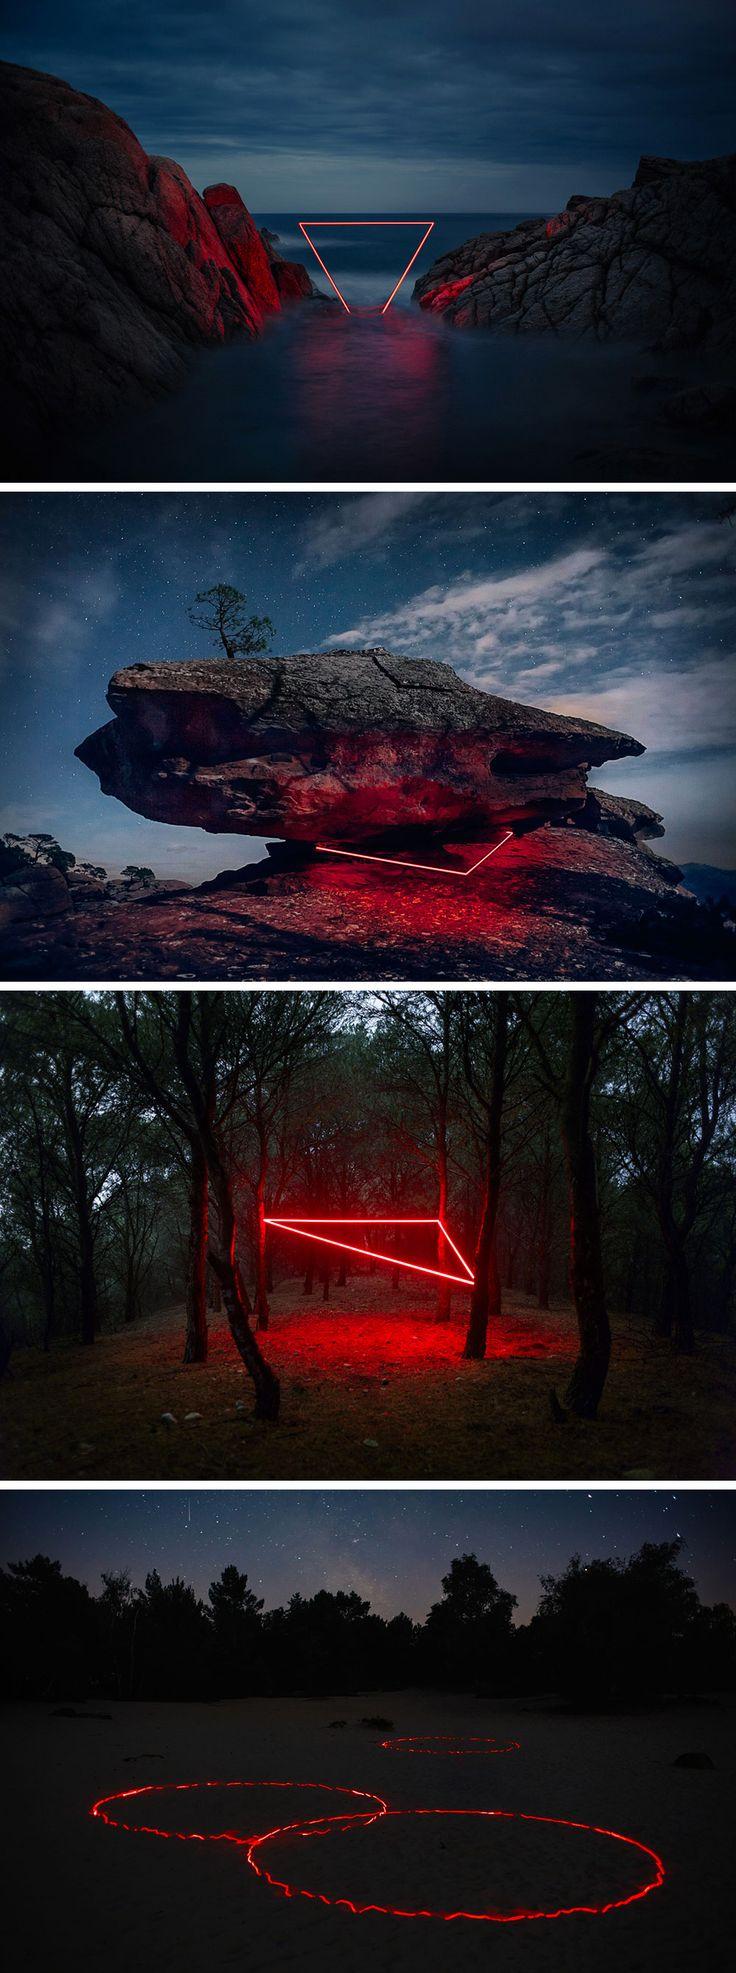 Best 25  Light art installation ideas on Pinterest | Light ... for Light Installation Art Indoor  55jwn